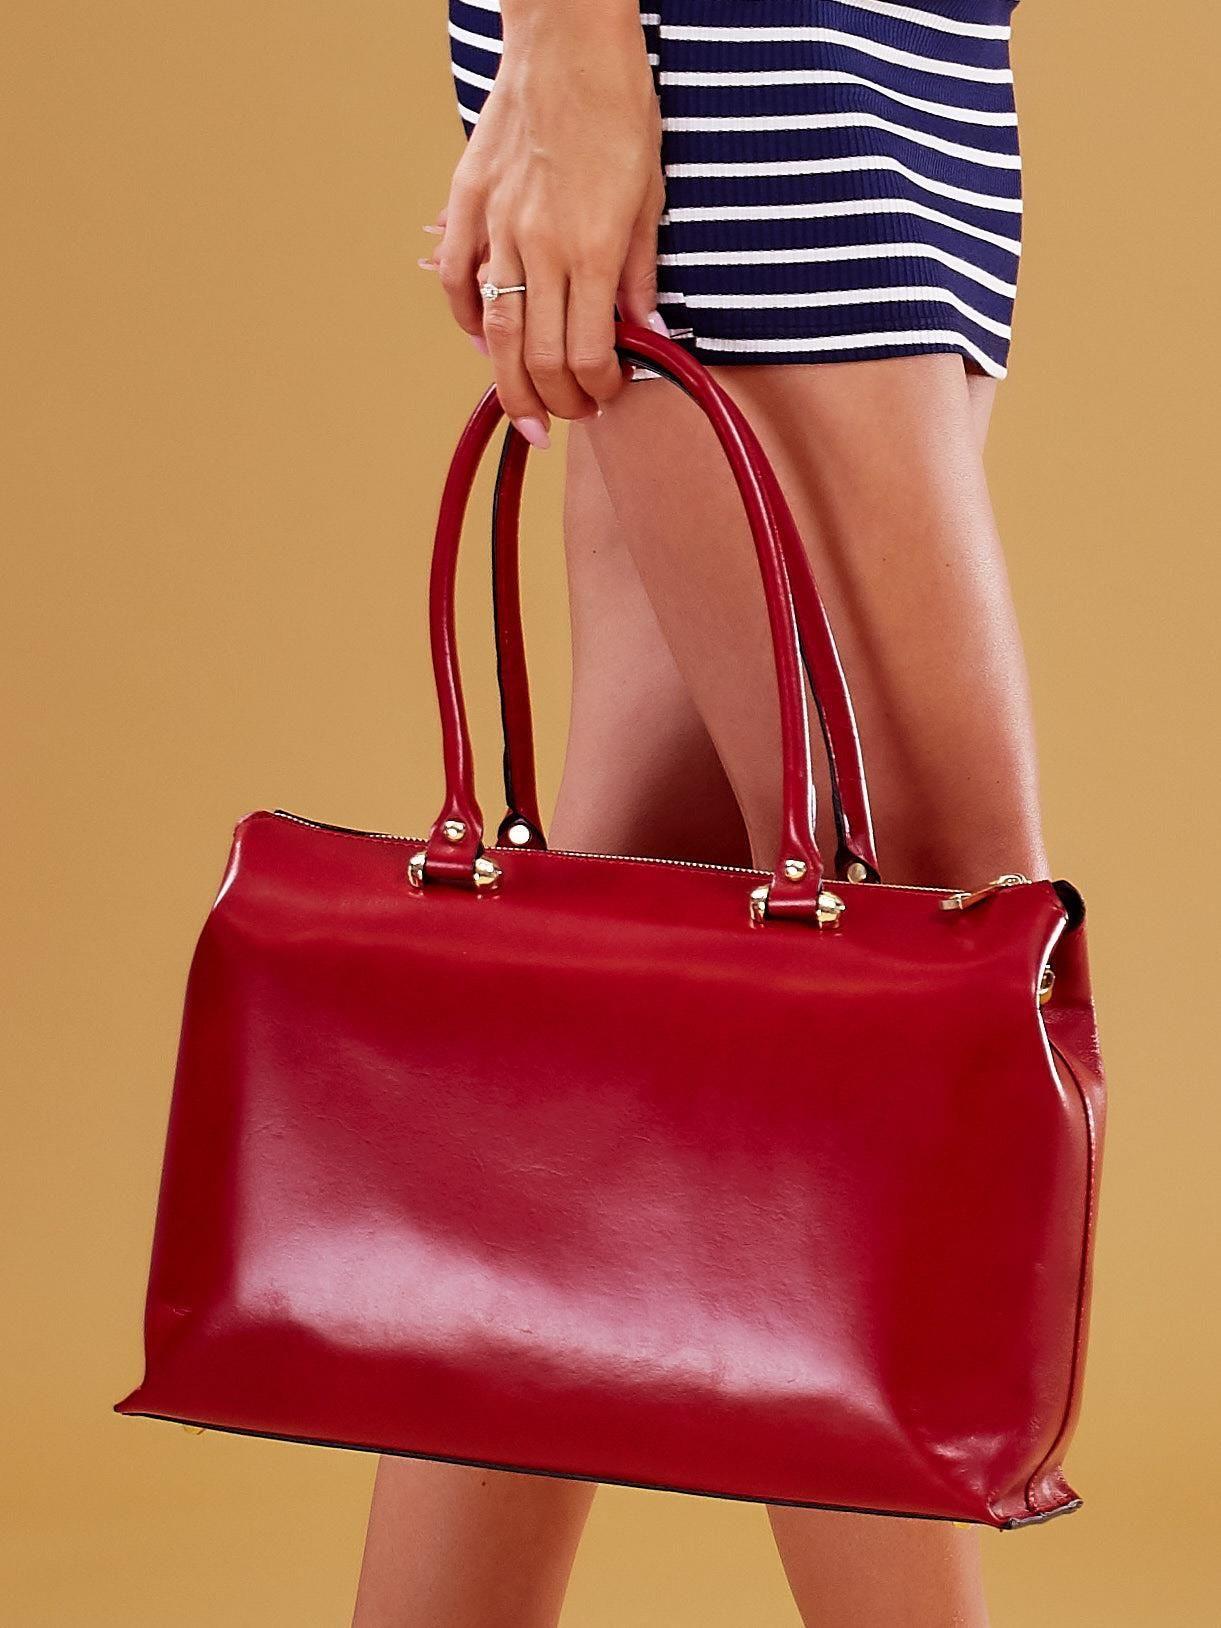 60bb554374ee5 Czerwona skórzana torba damska kuferek - Akcesoria torba - sklep ...